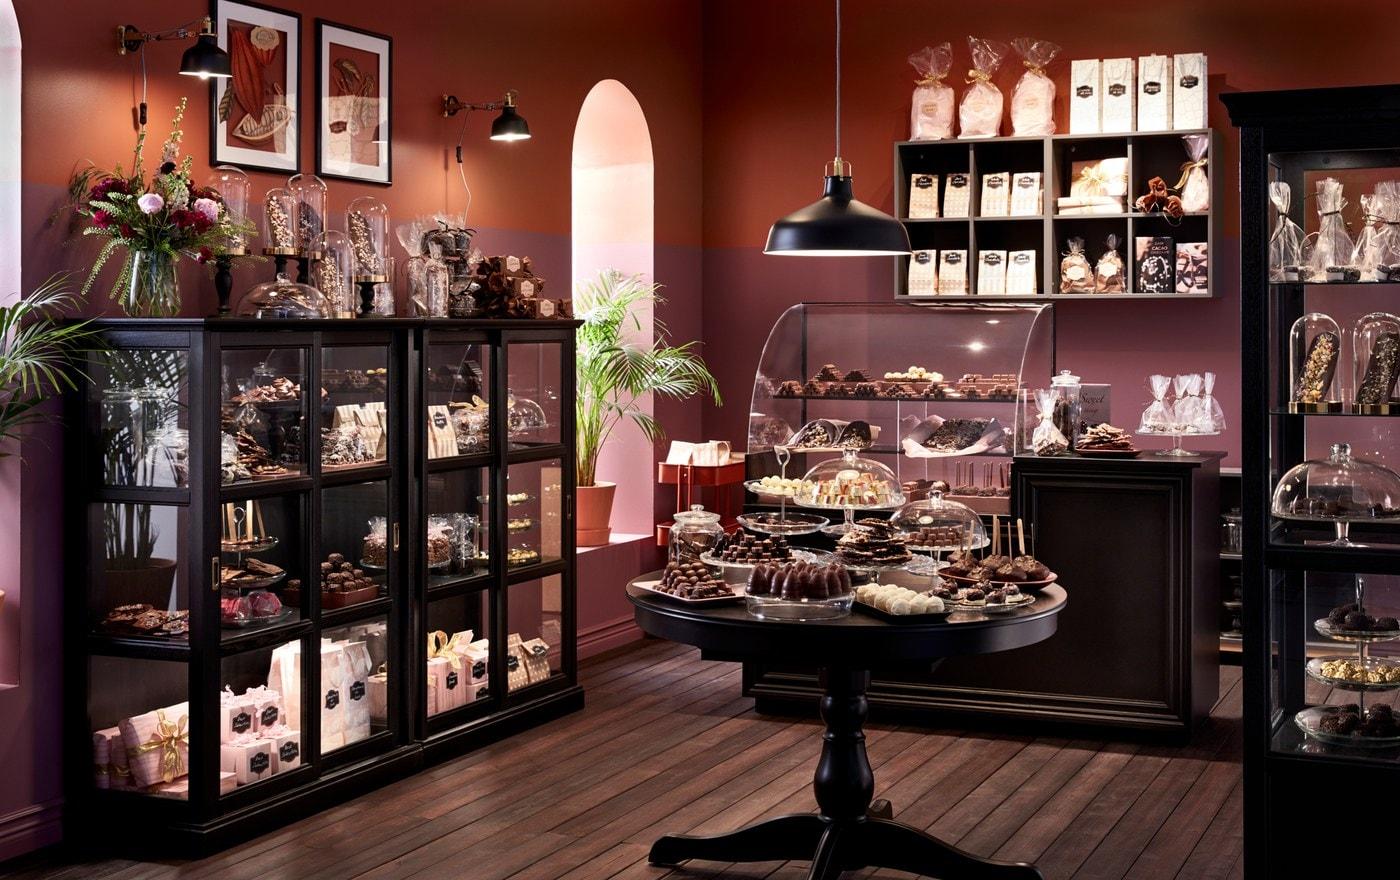 Chocolataria com armários MALSJÖ da IKEA em velatura preta com portas de vidro e paredes em castanho, que expõem diversas guloseimas embrulhadas.